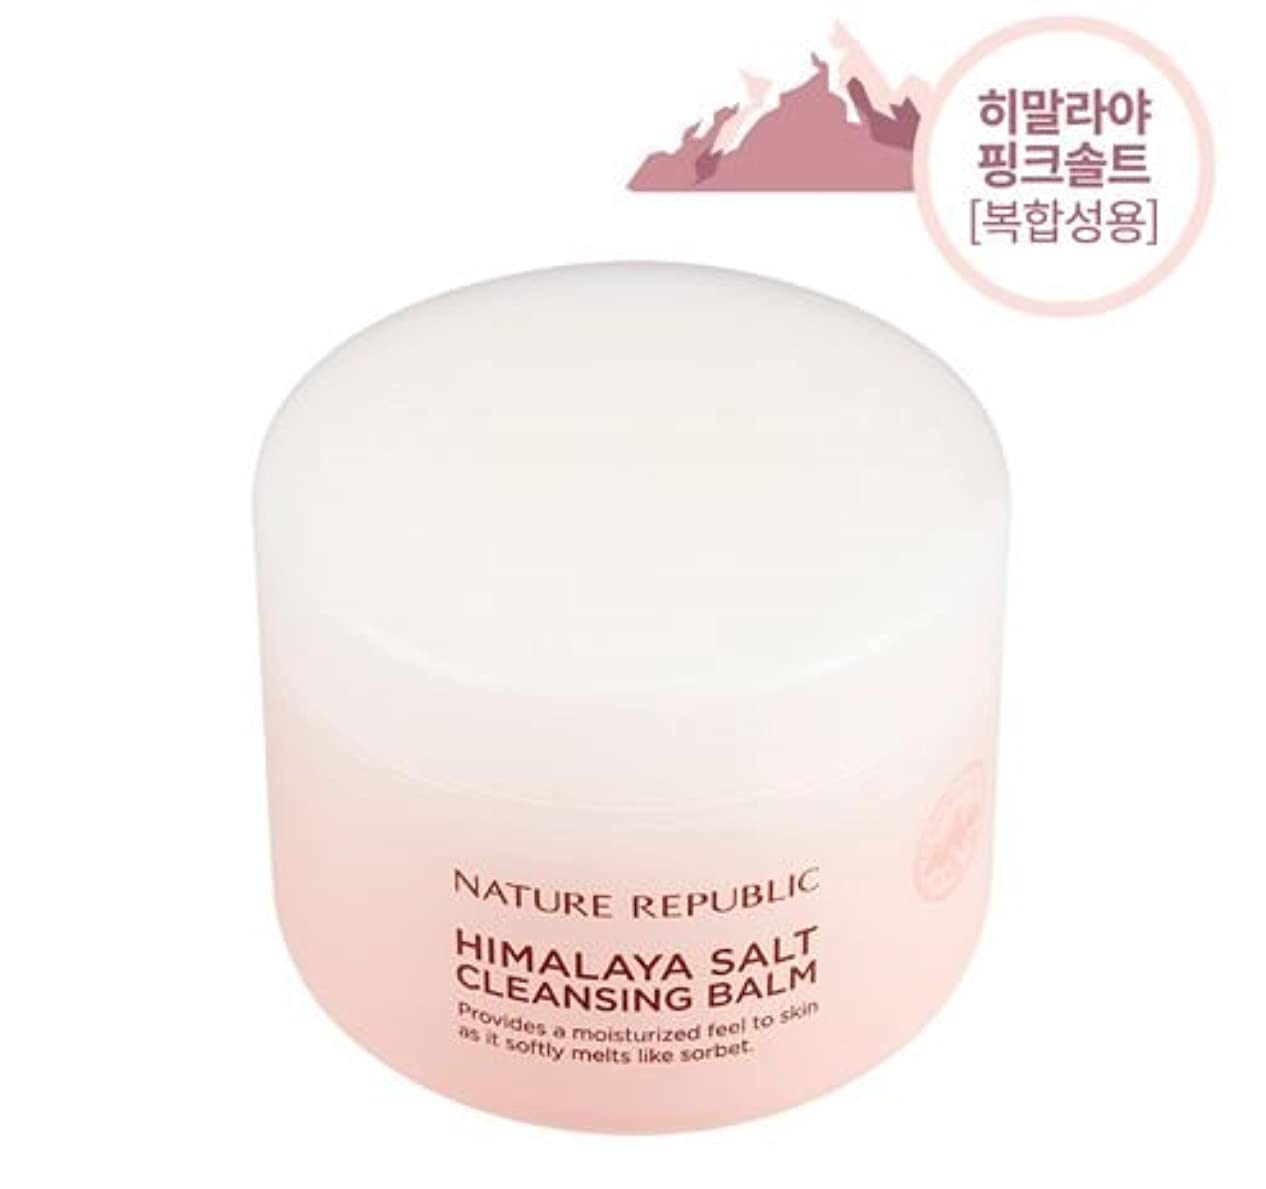 マイクパンチボクシングHimalaya salt cleansing balm (PINK SALT)ヒマラヤソルトクレンジングバーム(pink salt) [並行輸入品]